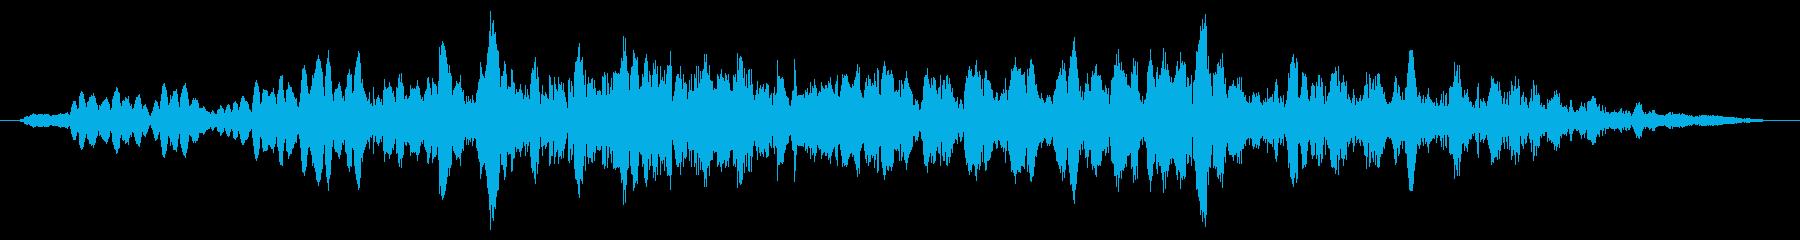 グリッティバジングリップの再生済みの波形